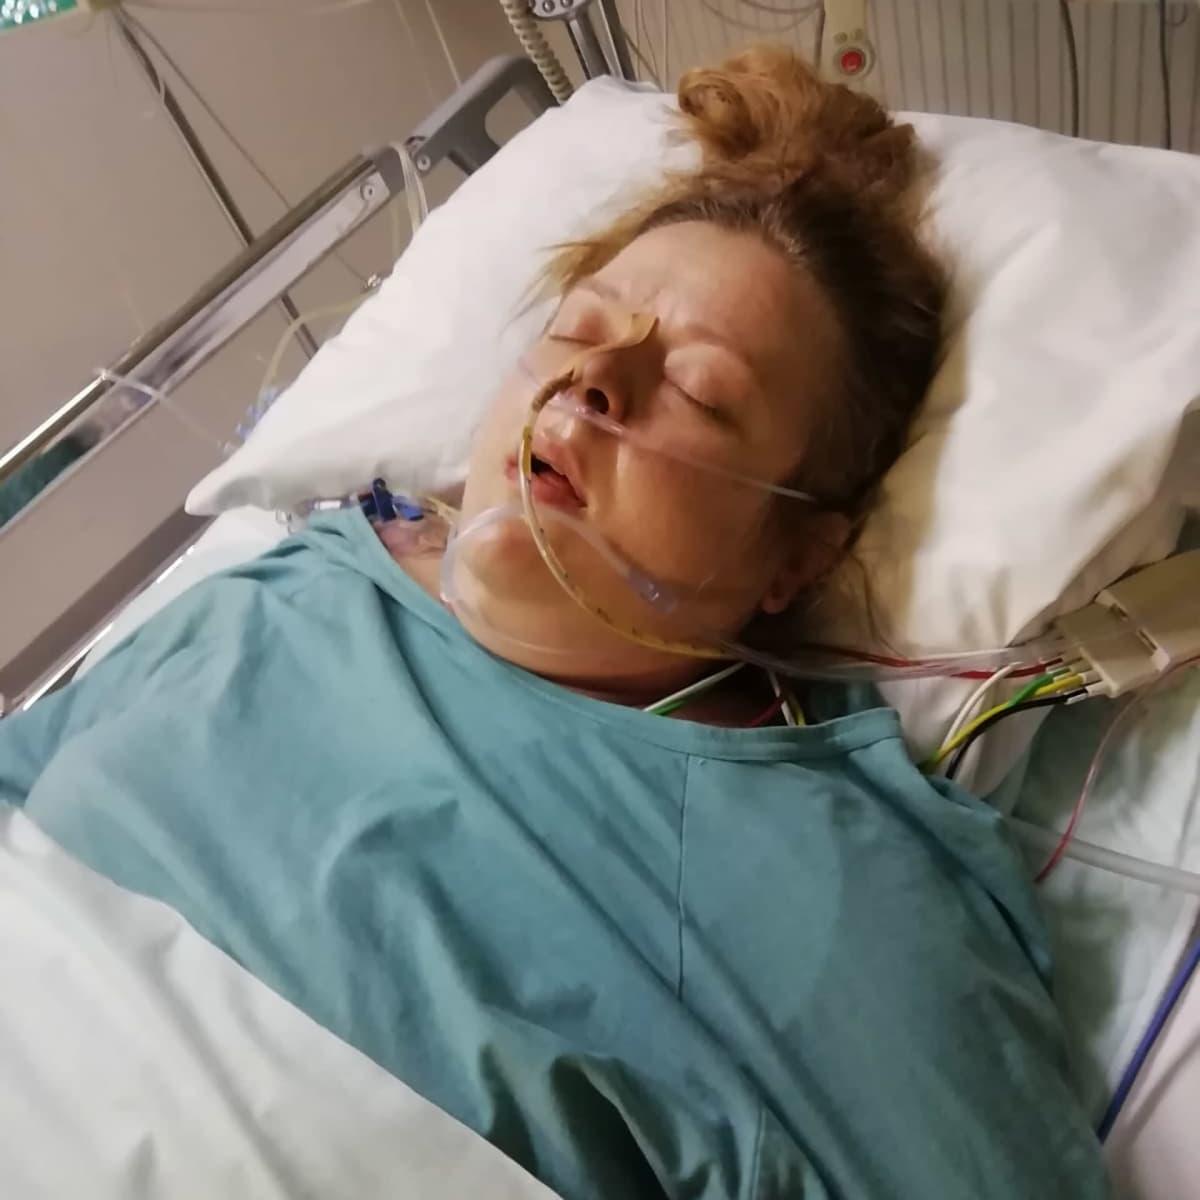 Tea Salo hengityskoneessa sairaalassa.